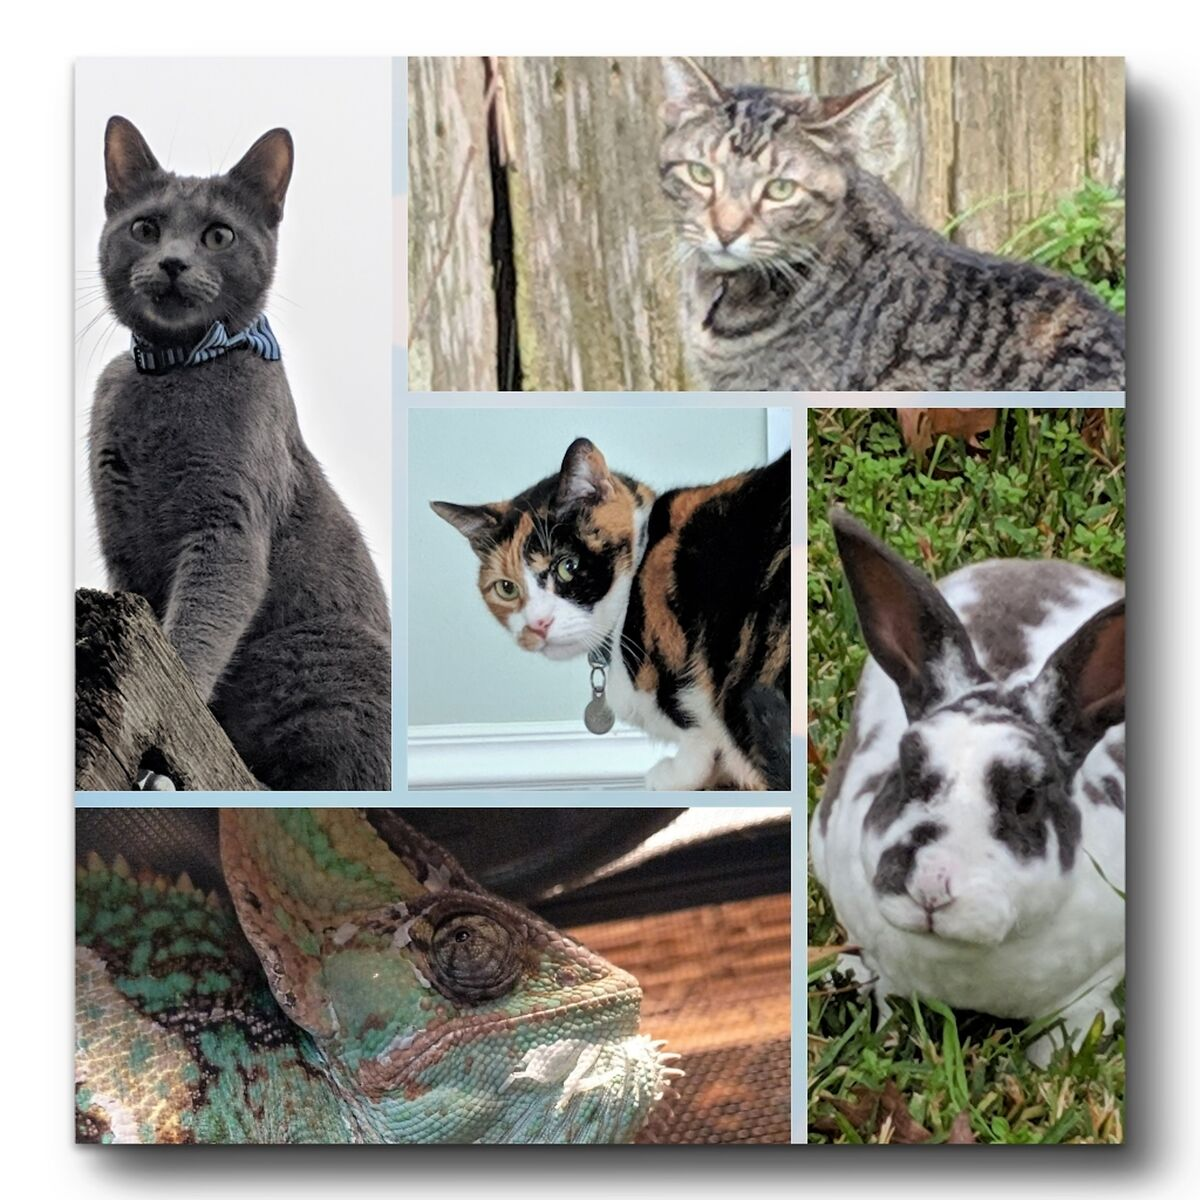 LXLS Pets